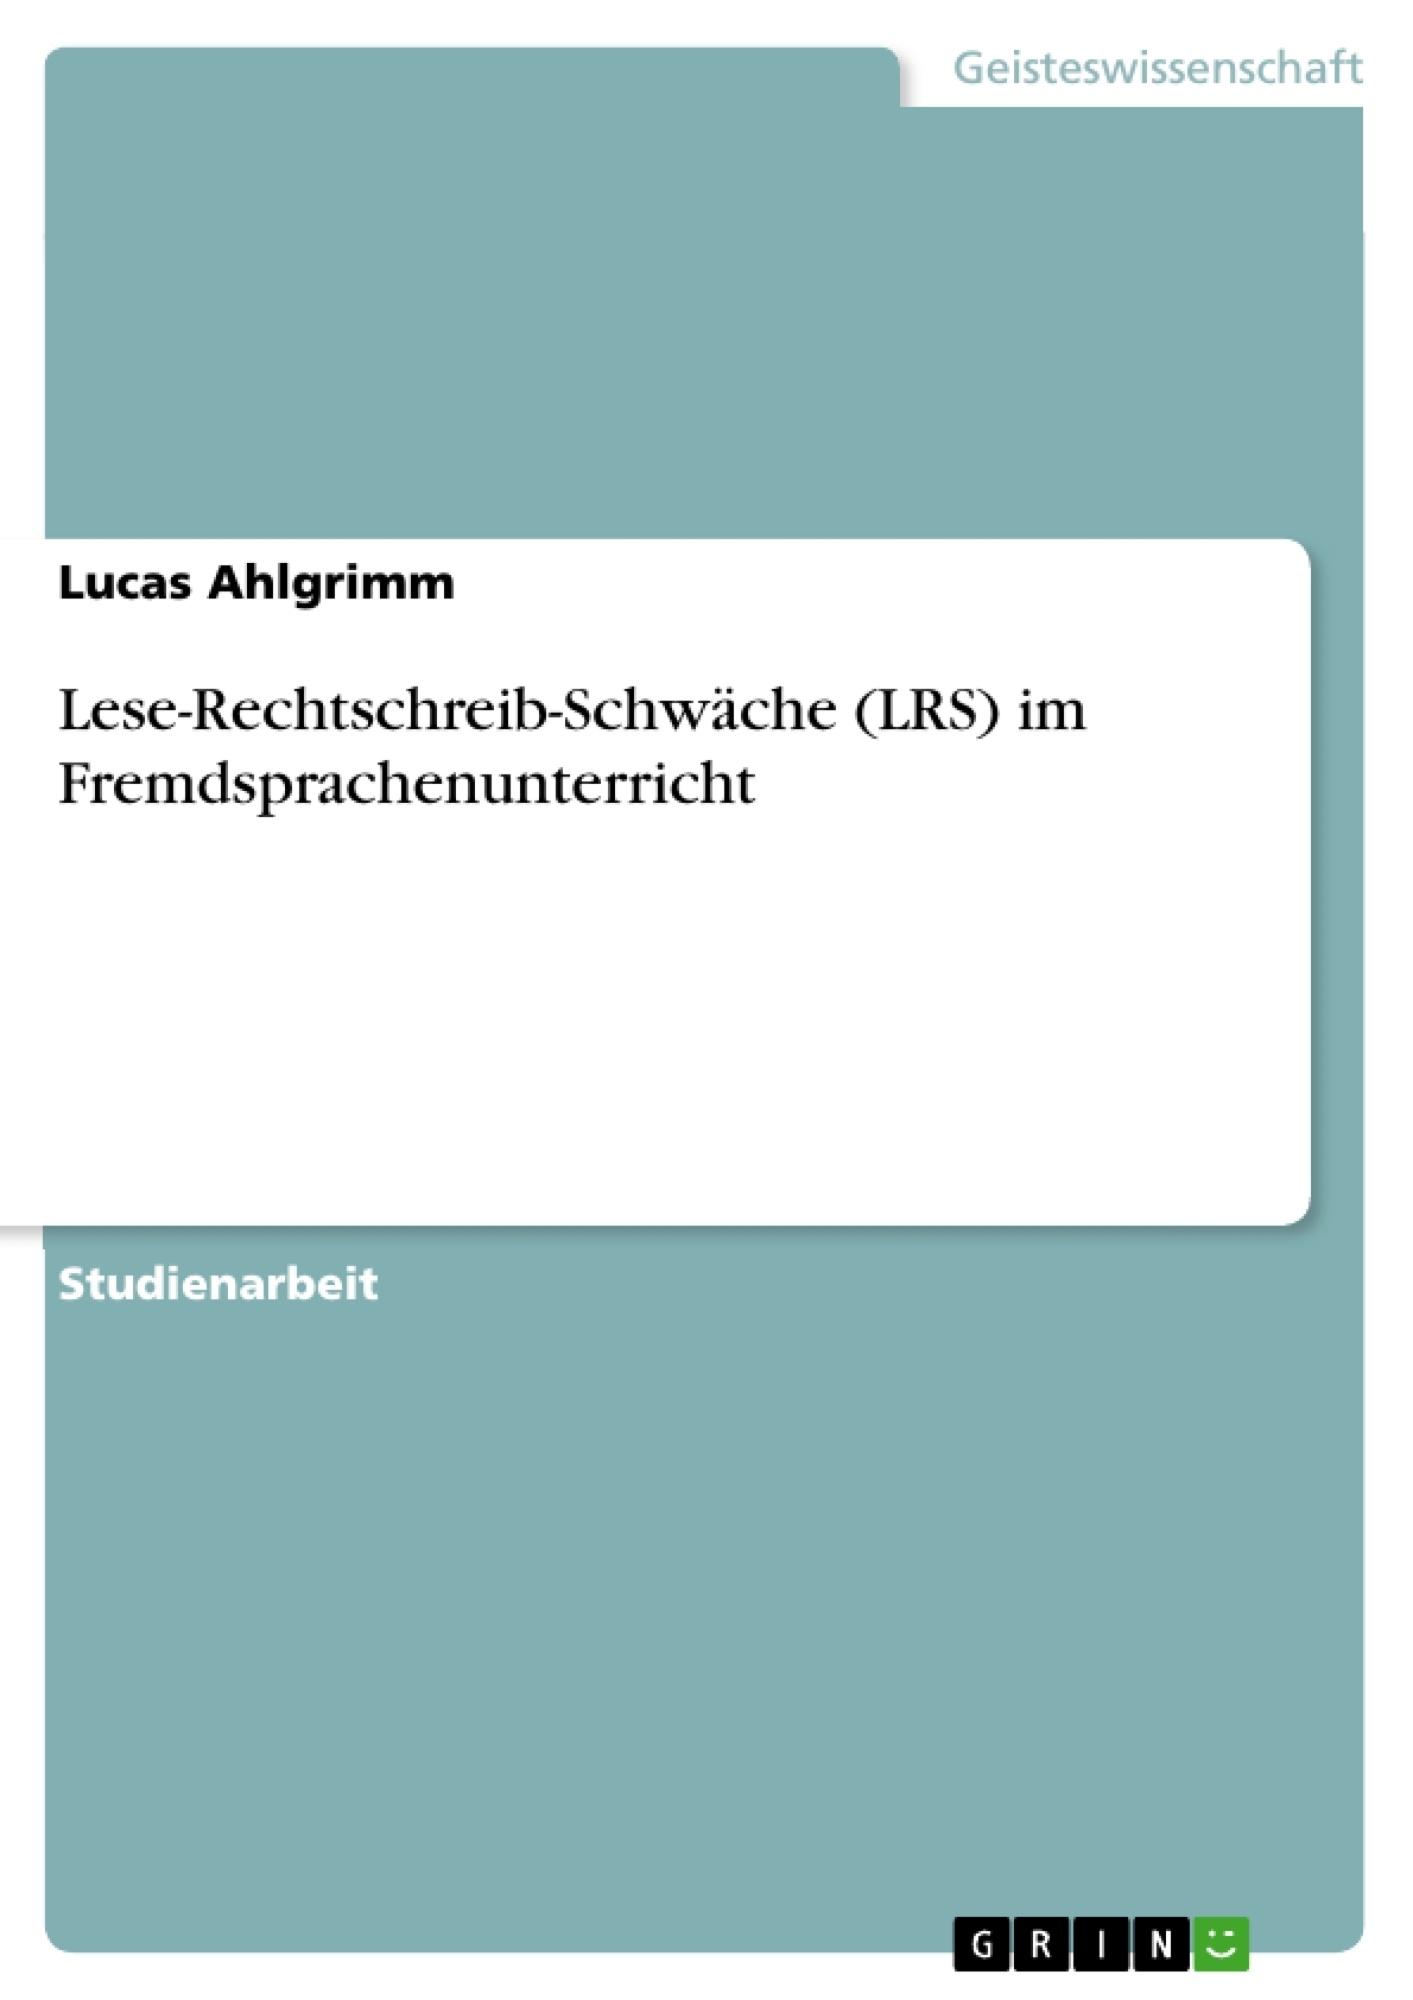 Titel: Lese-Rechtschreib-Schwäche (LRS) im Fremdsprachenunterricht